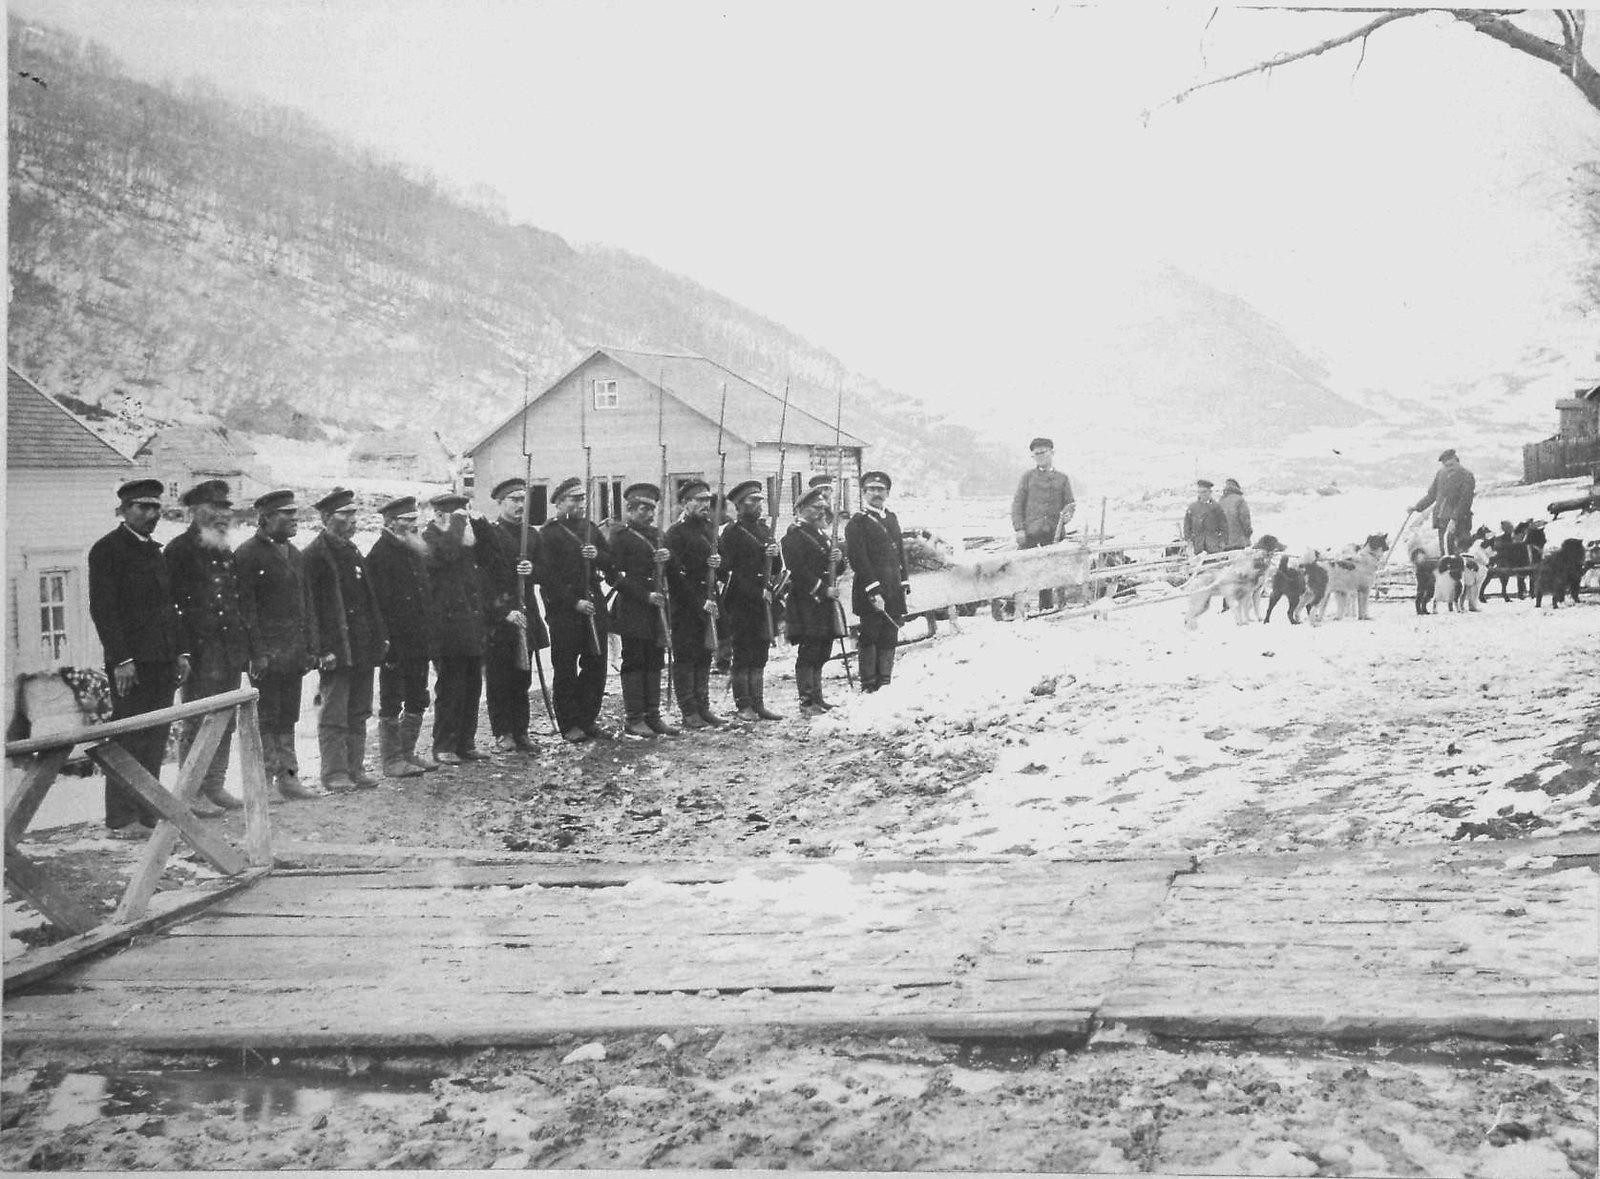 1897. Почетный караул от камчатских казаков. 6 мая